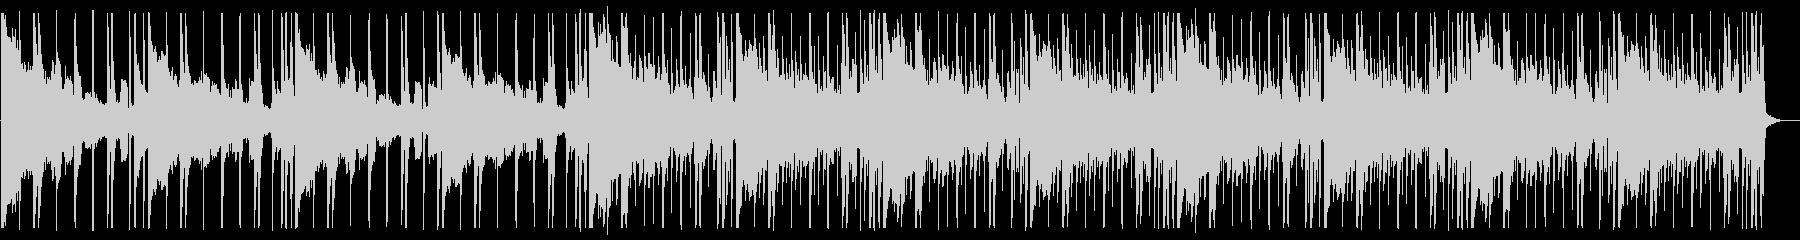 レトロ/夏_No595_3の未再生の波形